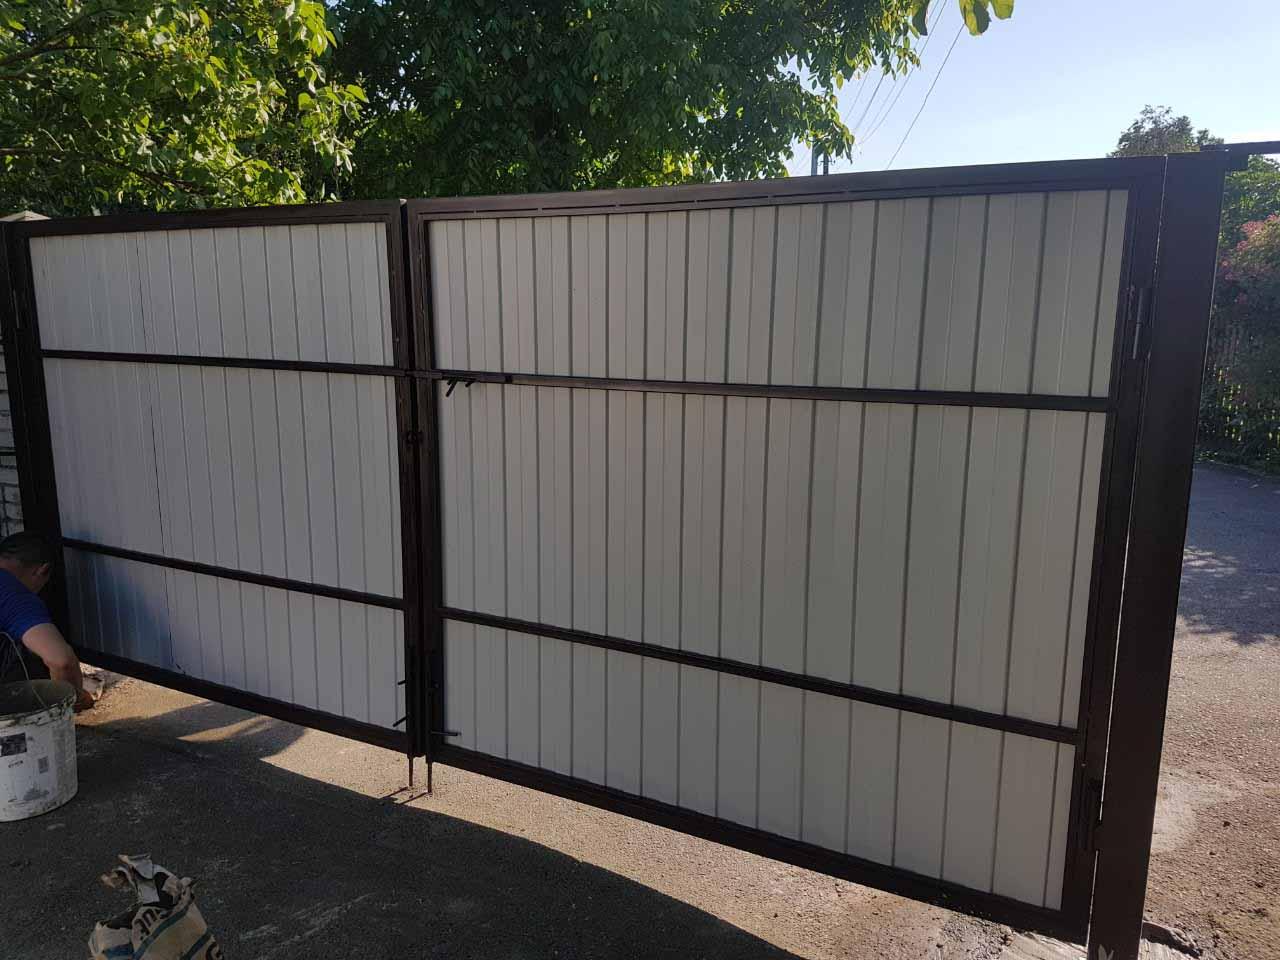 Ворота из профнастила для дачи с калиткой - вид изнутри от 08.06.19